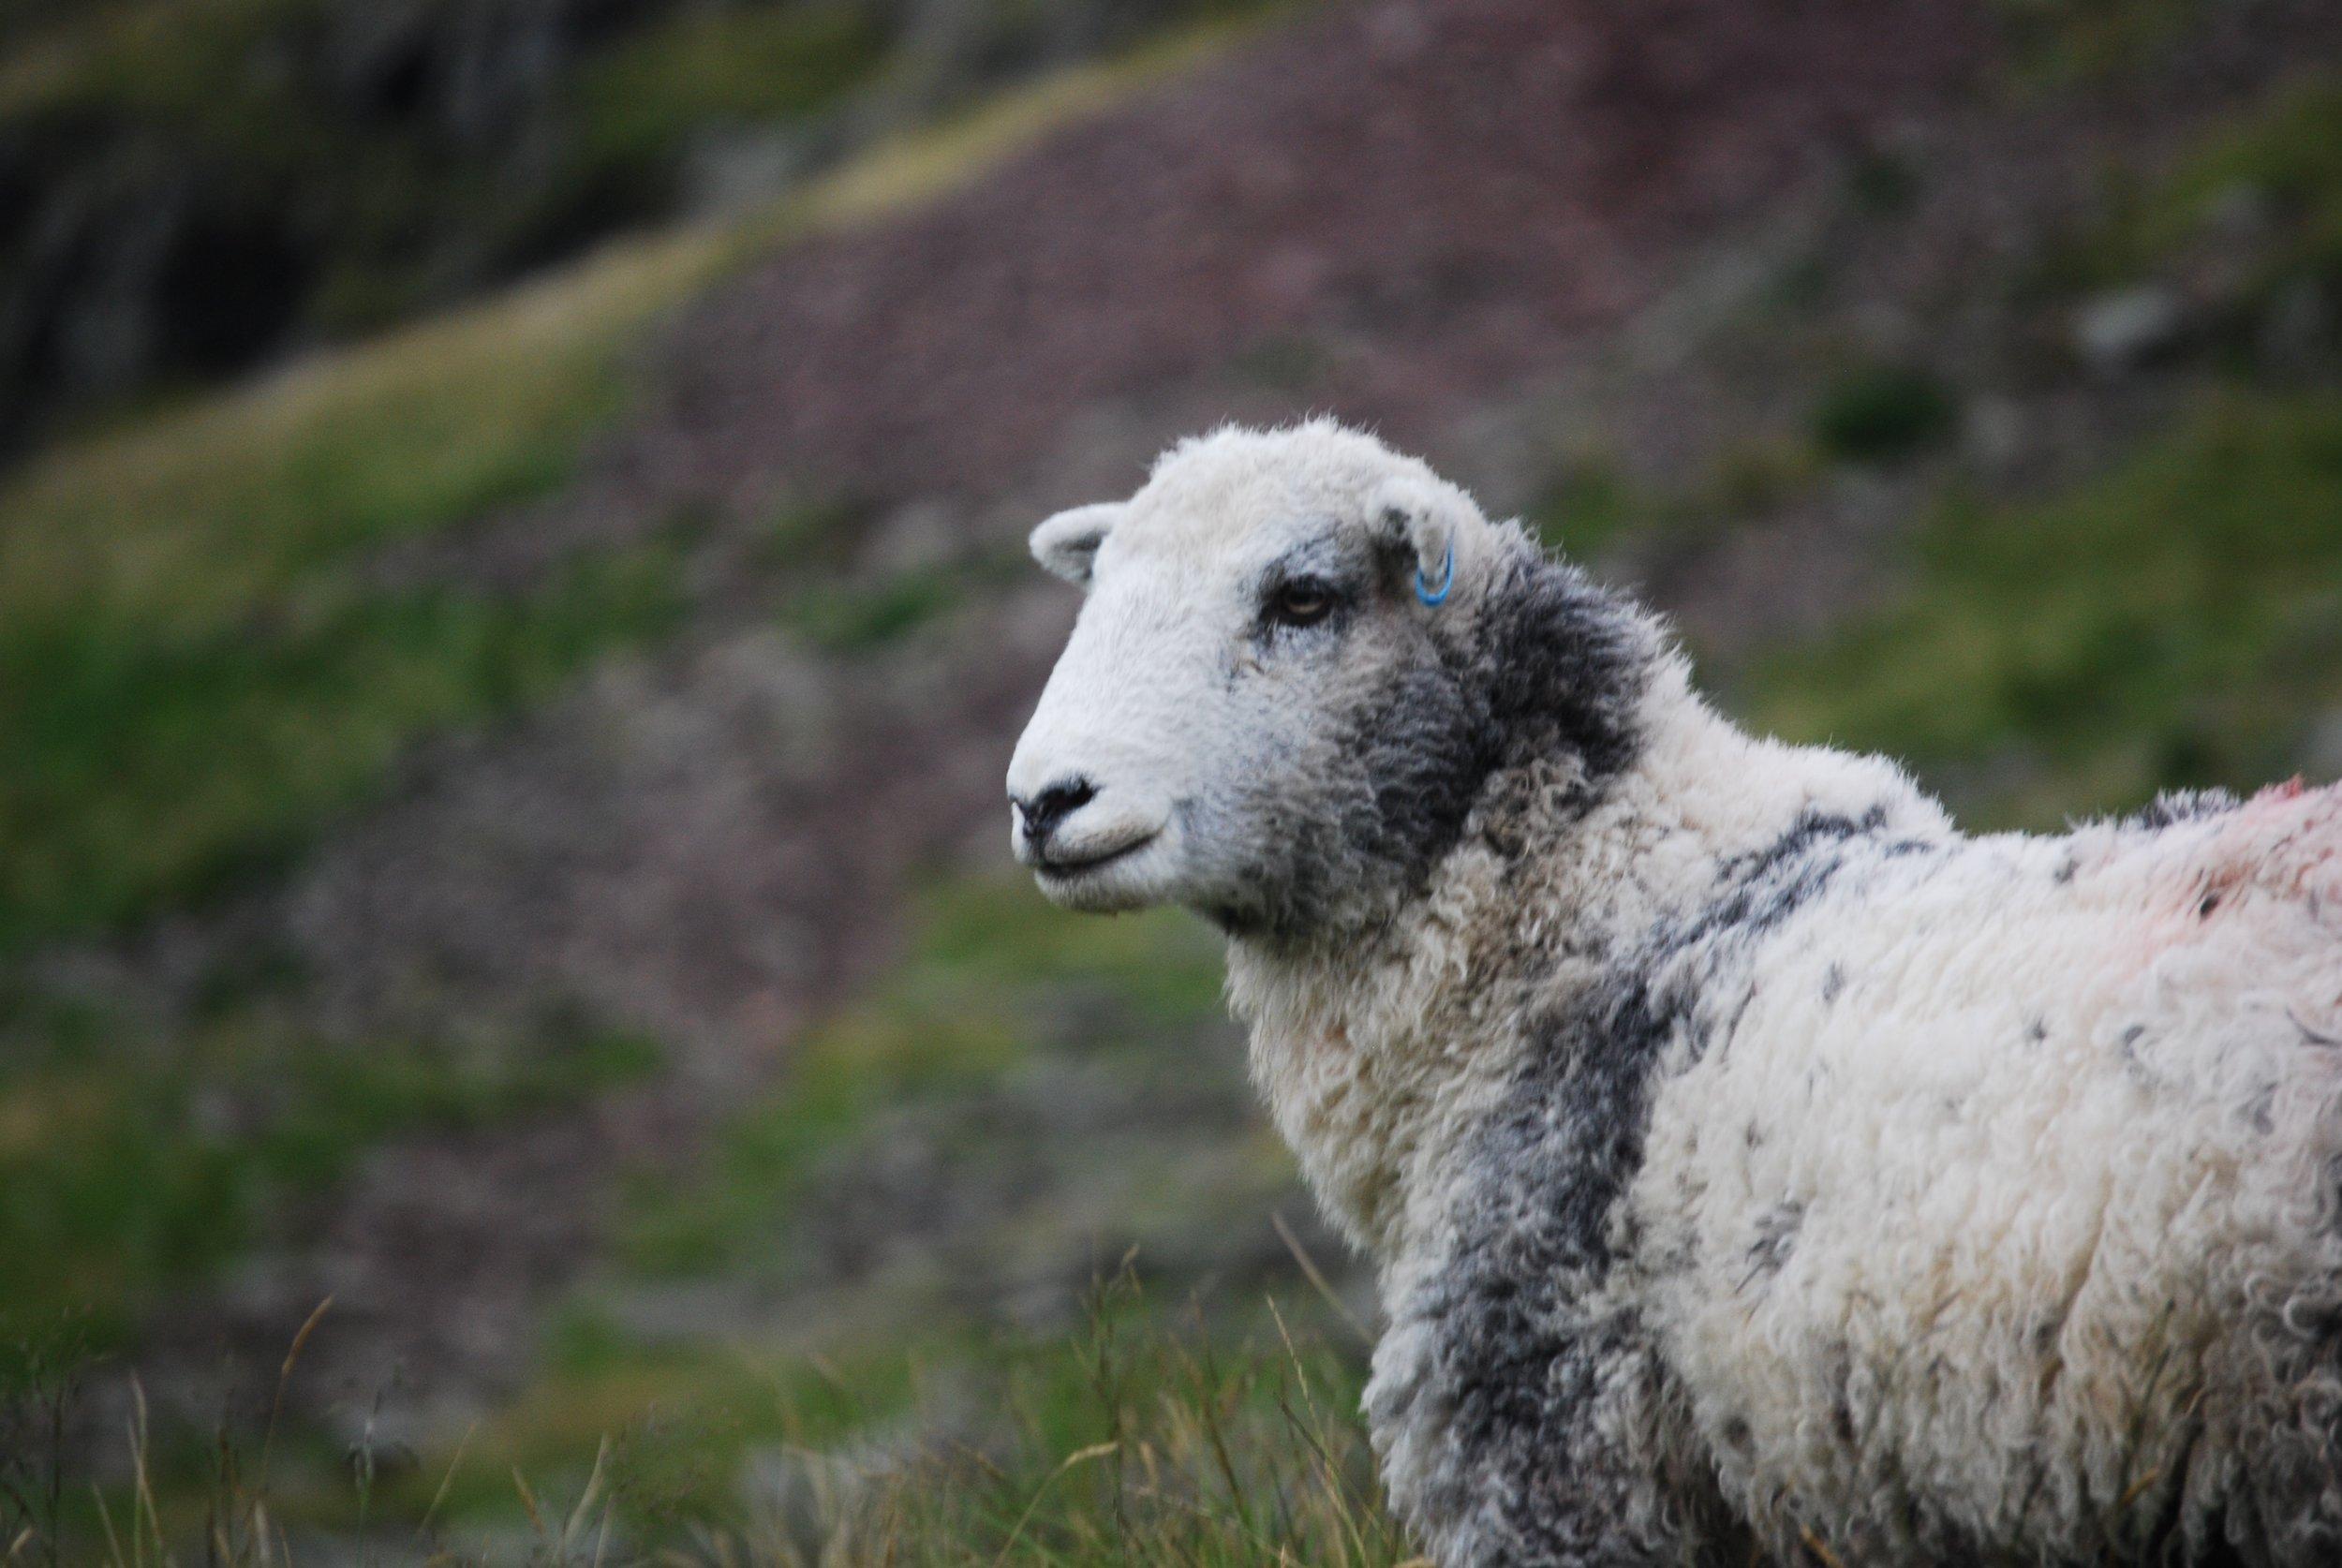 sheep-white-lambs-goats-59863.jpeg